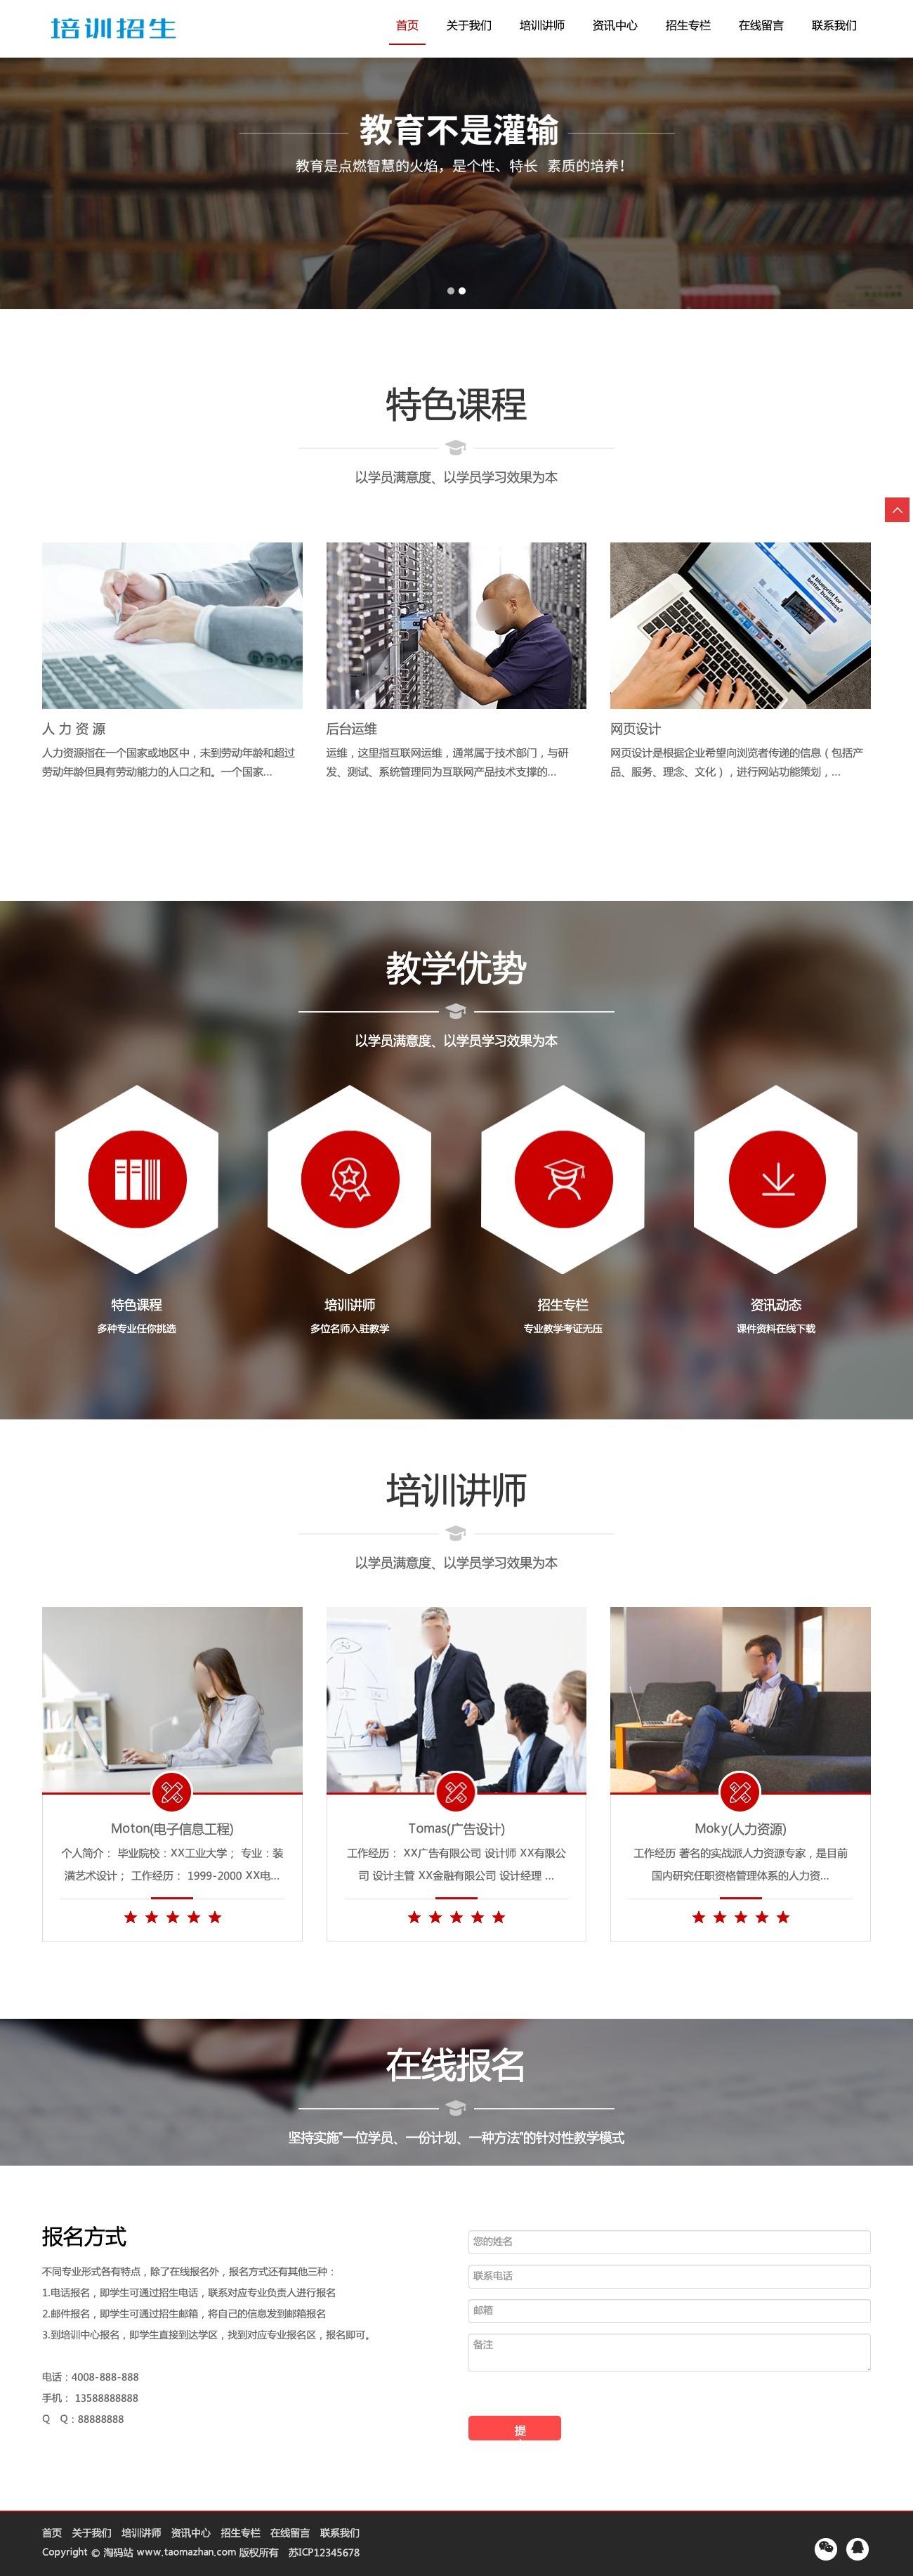 响应式自适应蓝色培训招生教育类网站织梦模板